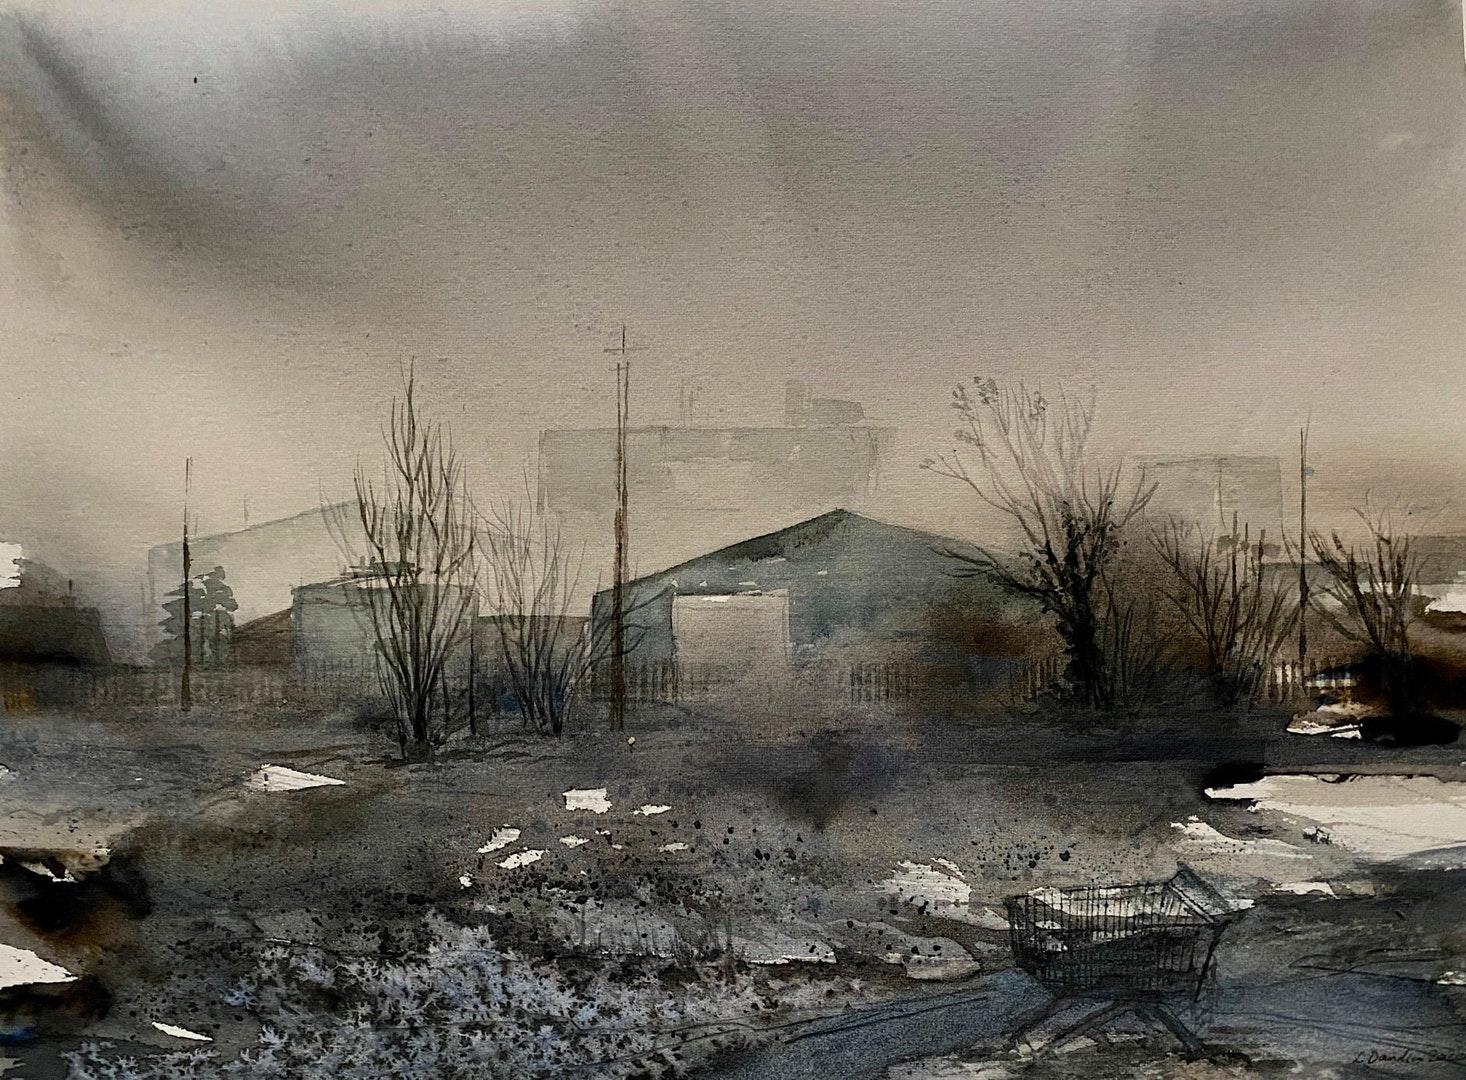 'Edgelands', Lois Davidson, Watercolour and pencil on paper, 28 x 38 cm